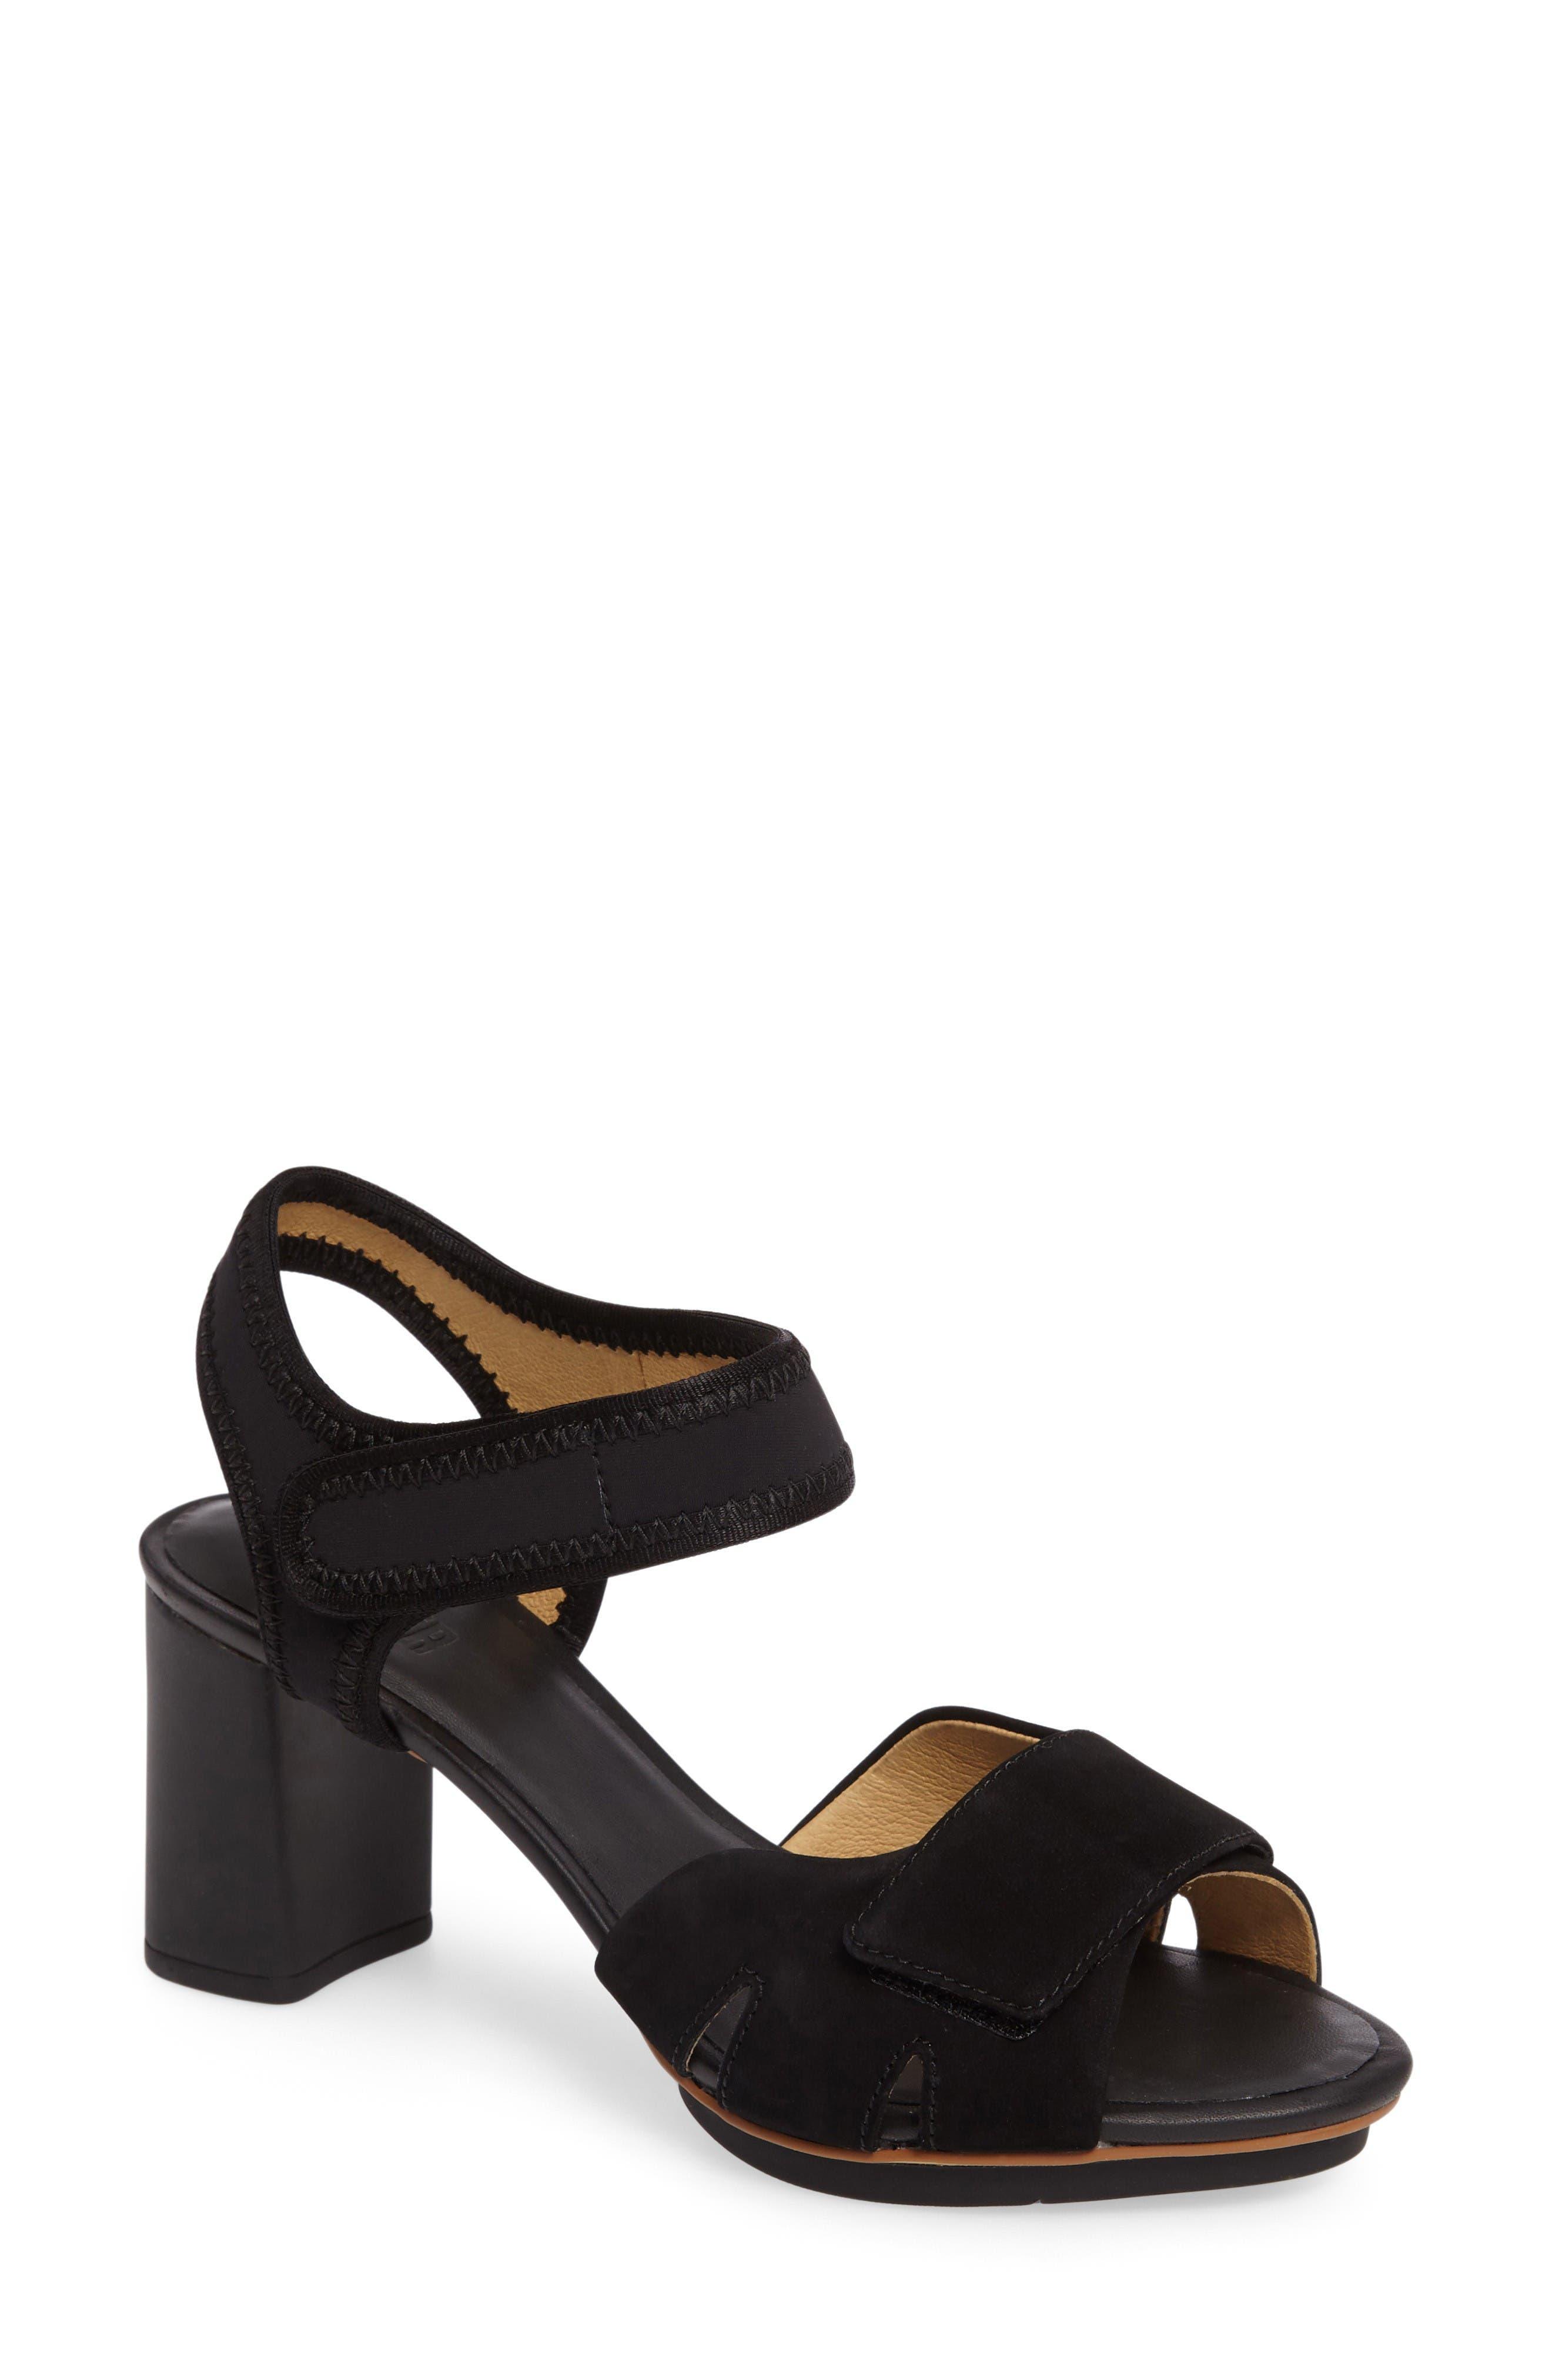 Main Image - Camper 'Myriam' Ankle Strap Platform Sandal (Women)